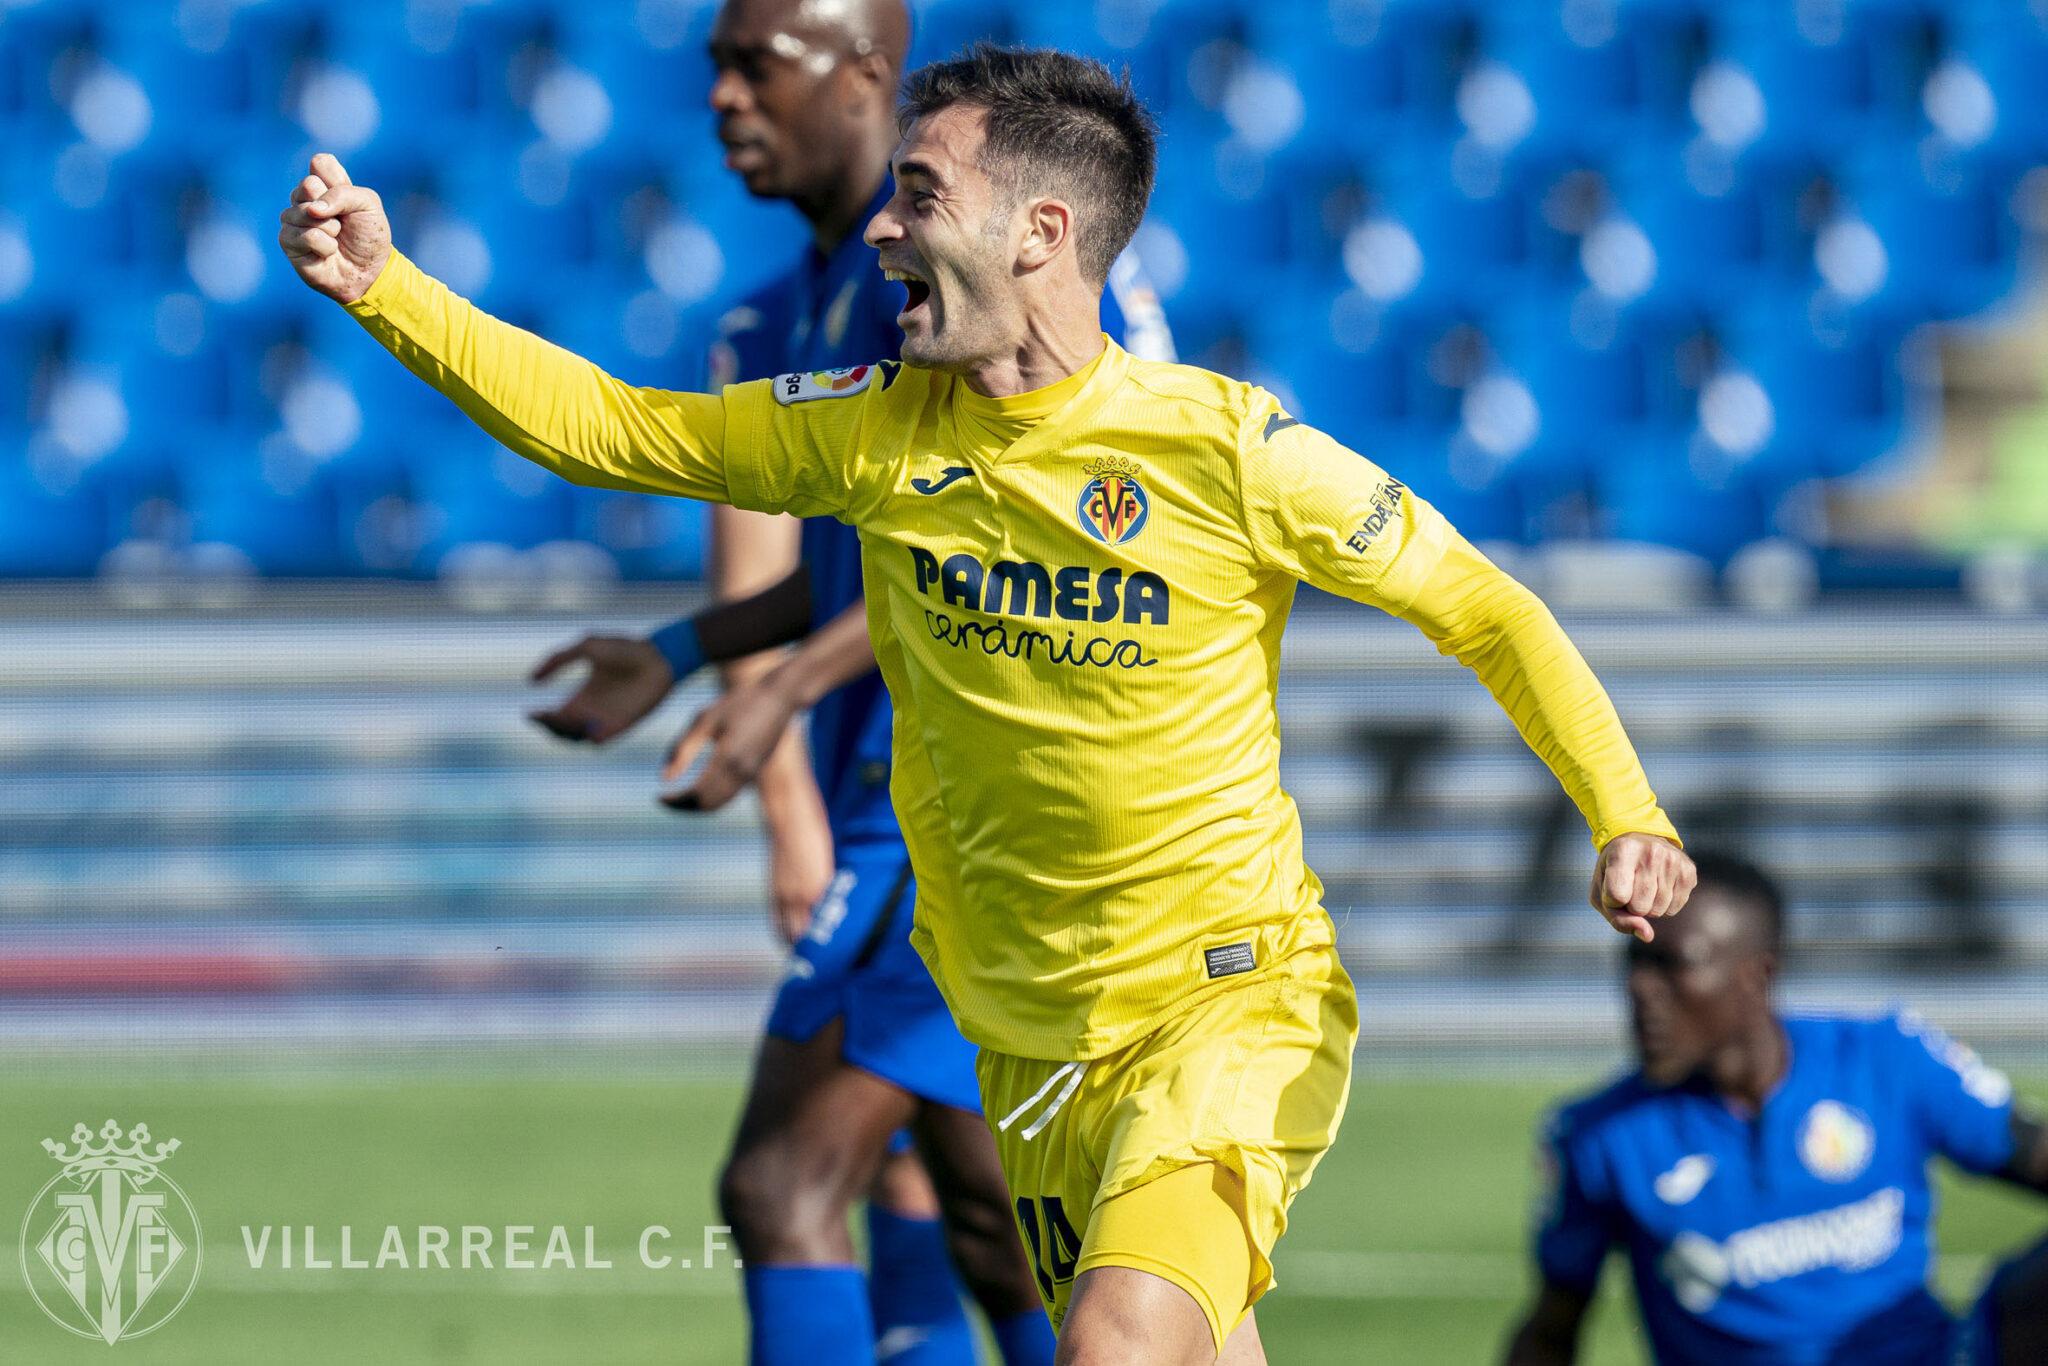 Gran victoria del Villarreal en Getafe